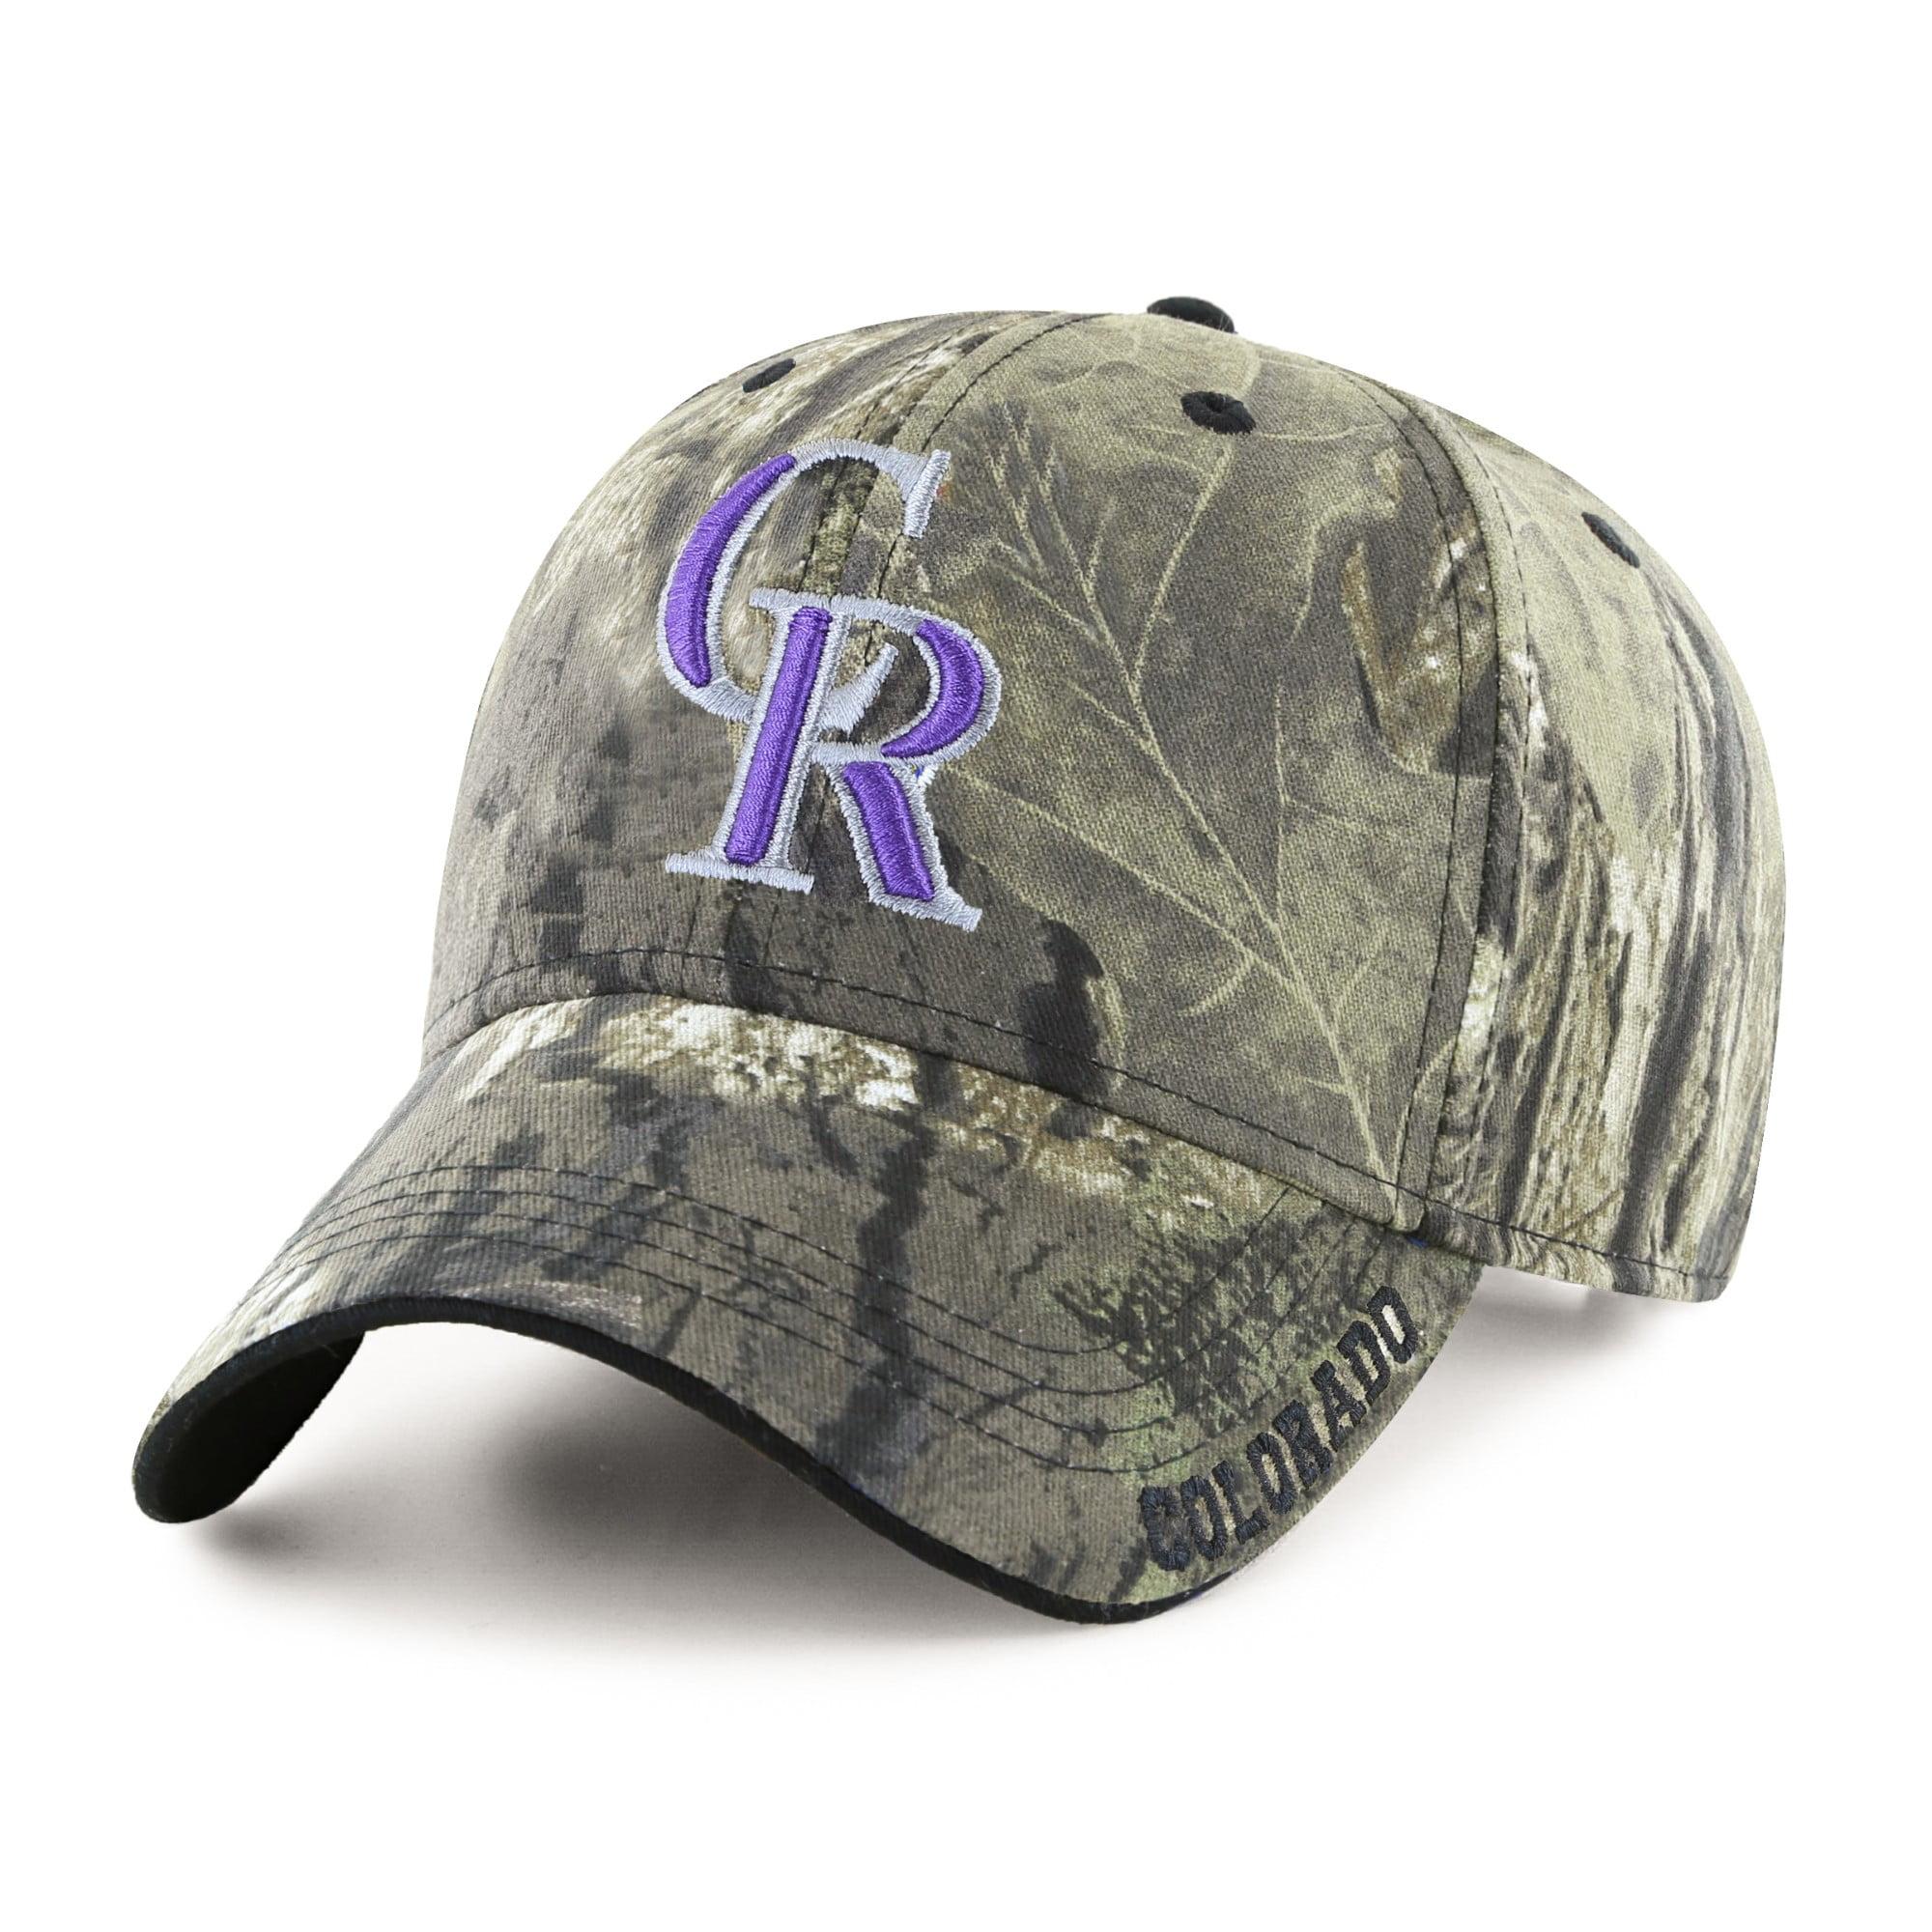 Fan Favorite MLB Mossy Oak Adjustable Hat, Colorado Rockies